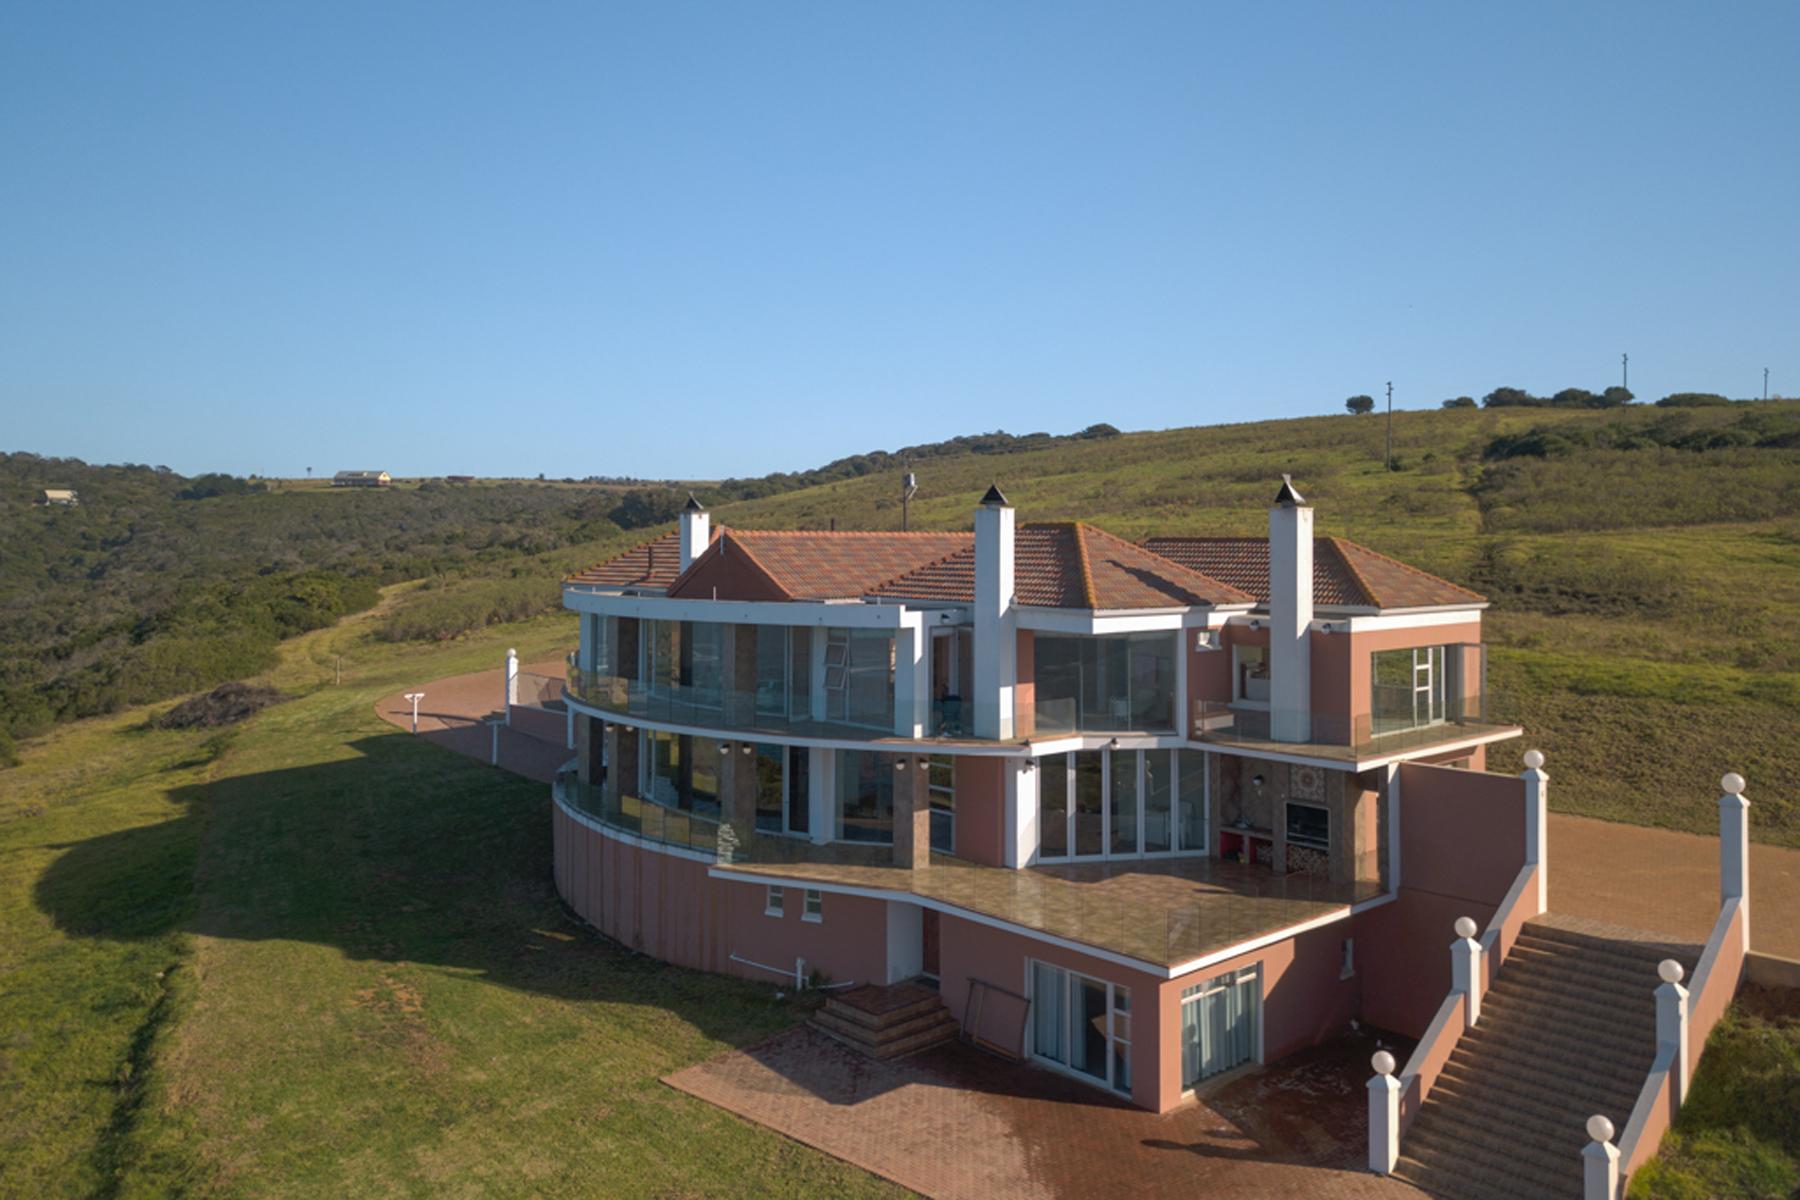 农场 / 牧场 / 种植园 为 销售 在 Hansmoeskraal 乔治, 西开普省 6530 南非